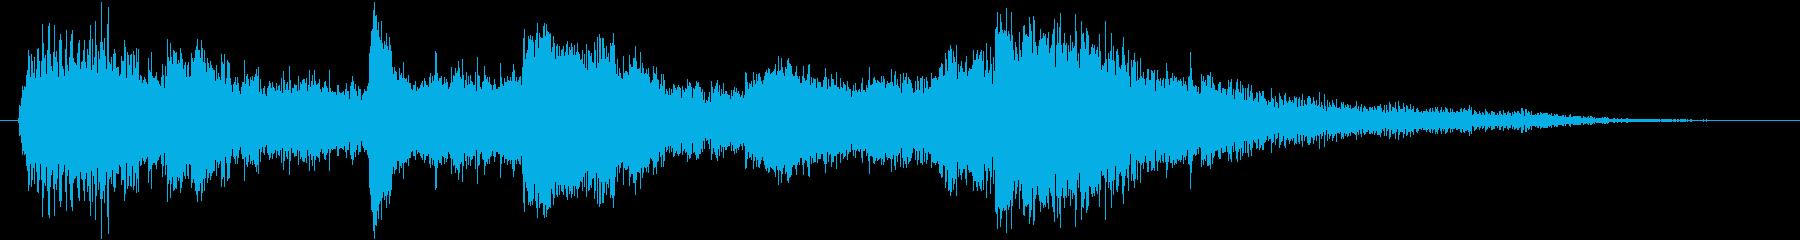 ホラー、サスペンス用ジングル・ロゴの再生済みの波形